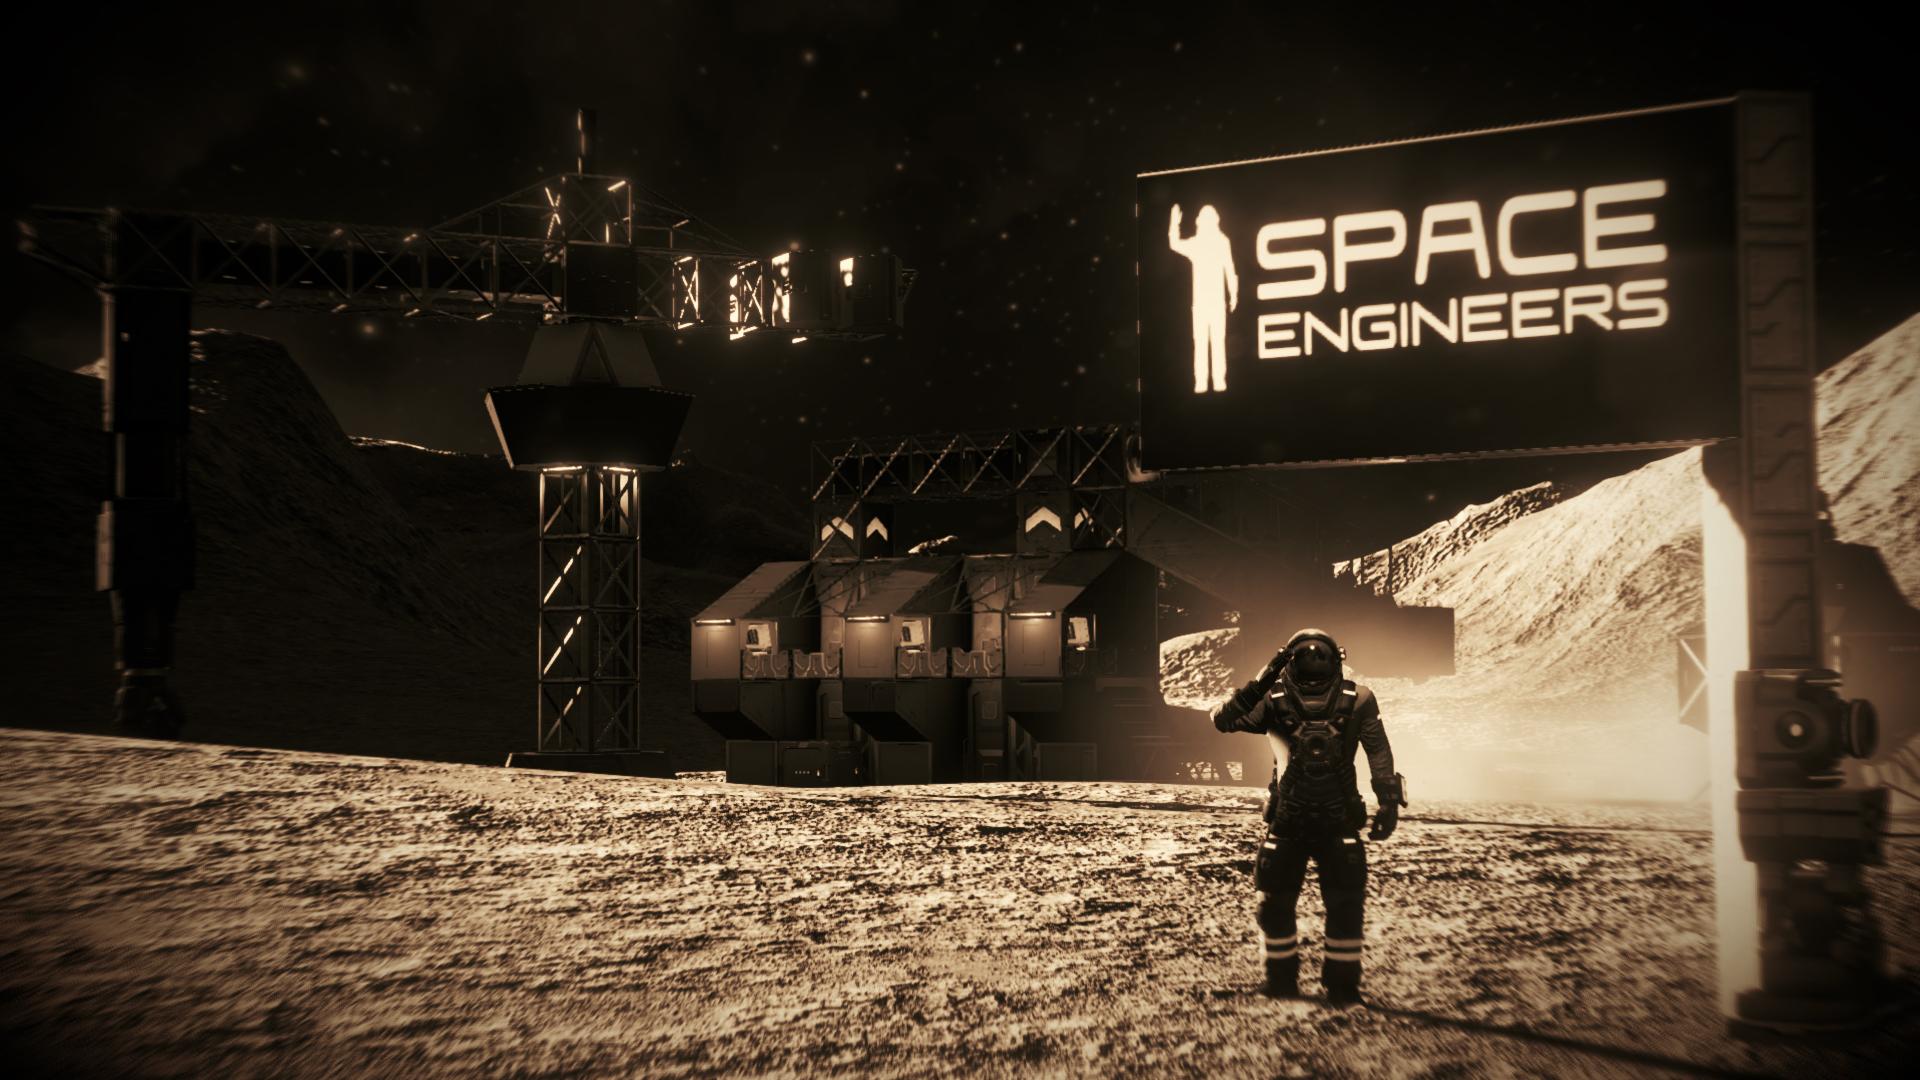 Space Engineers Wallpaper HD